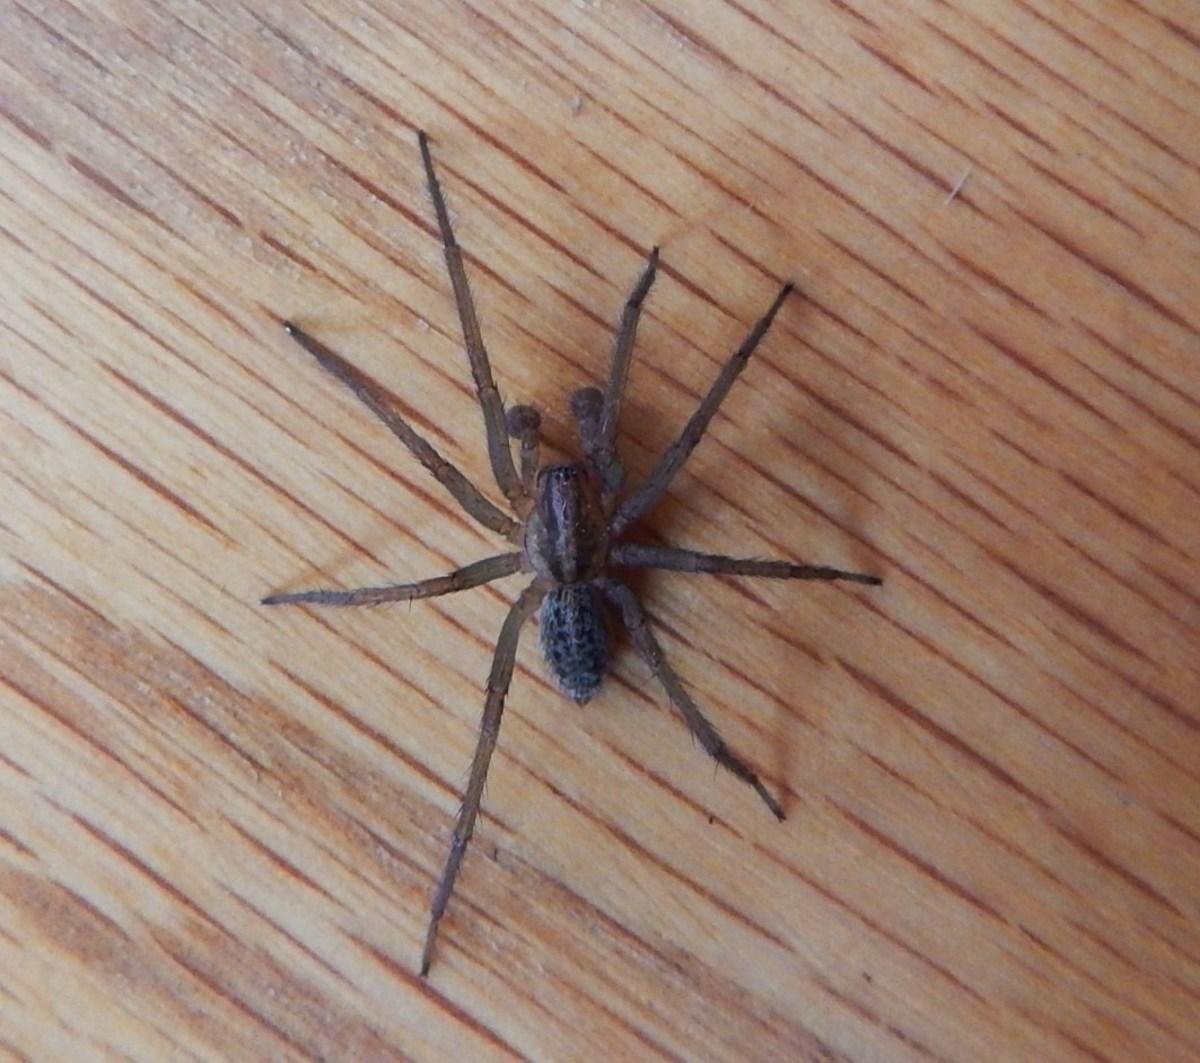 US Poisonous Spiders Black Widow, Brown Recluse,  Hobo Dengarden